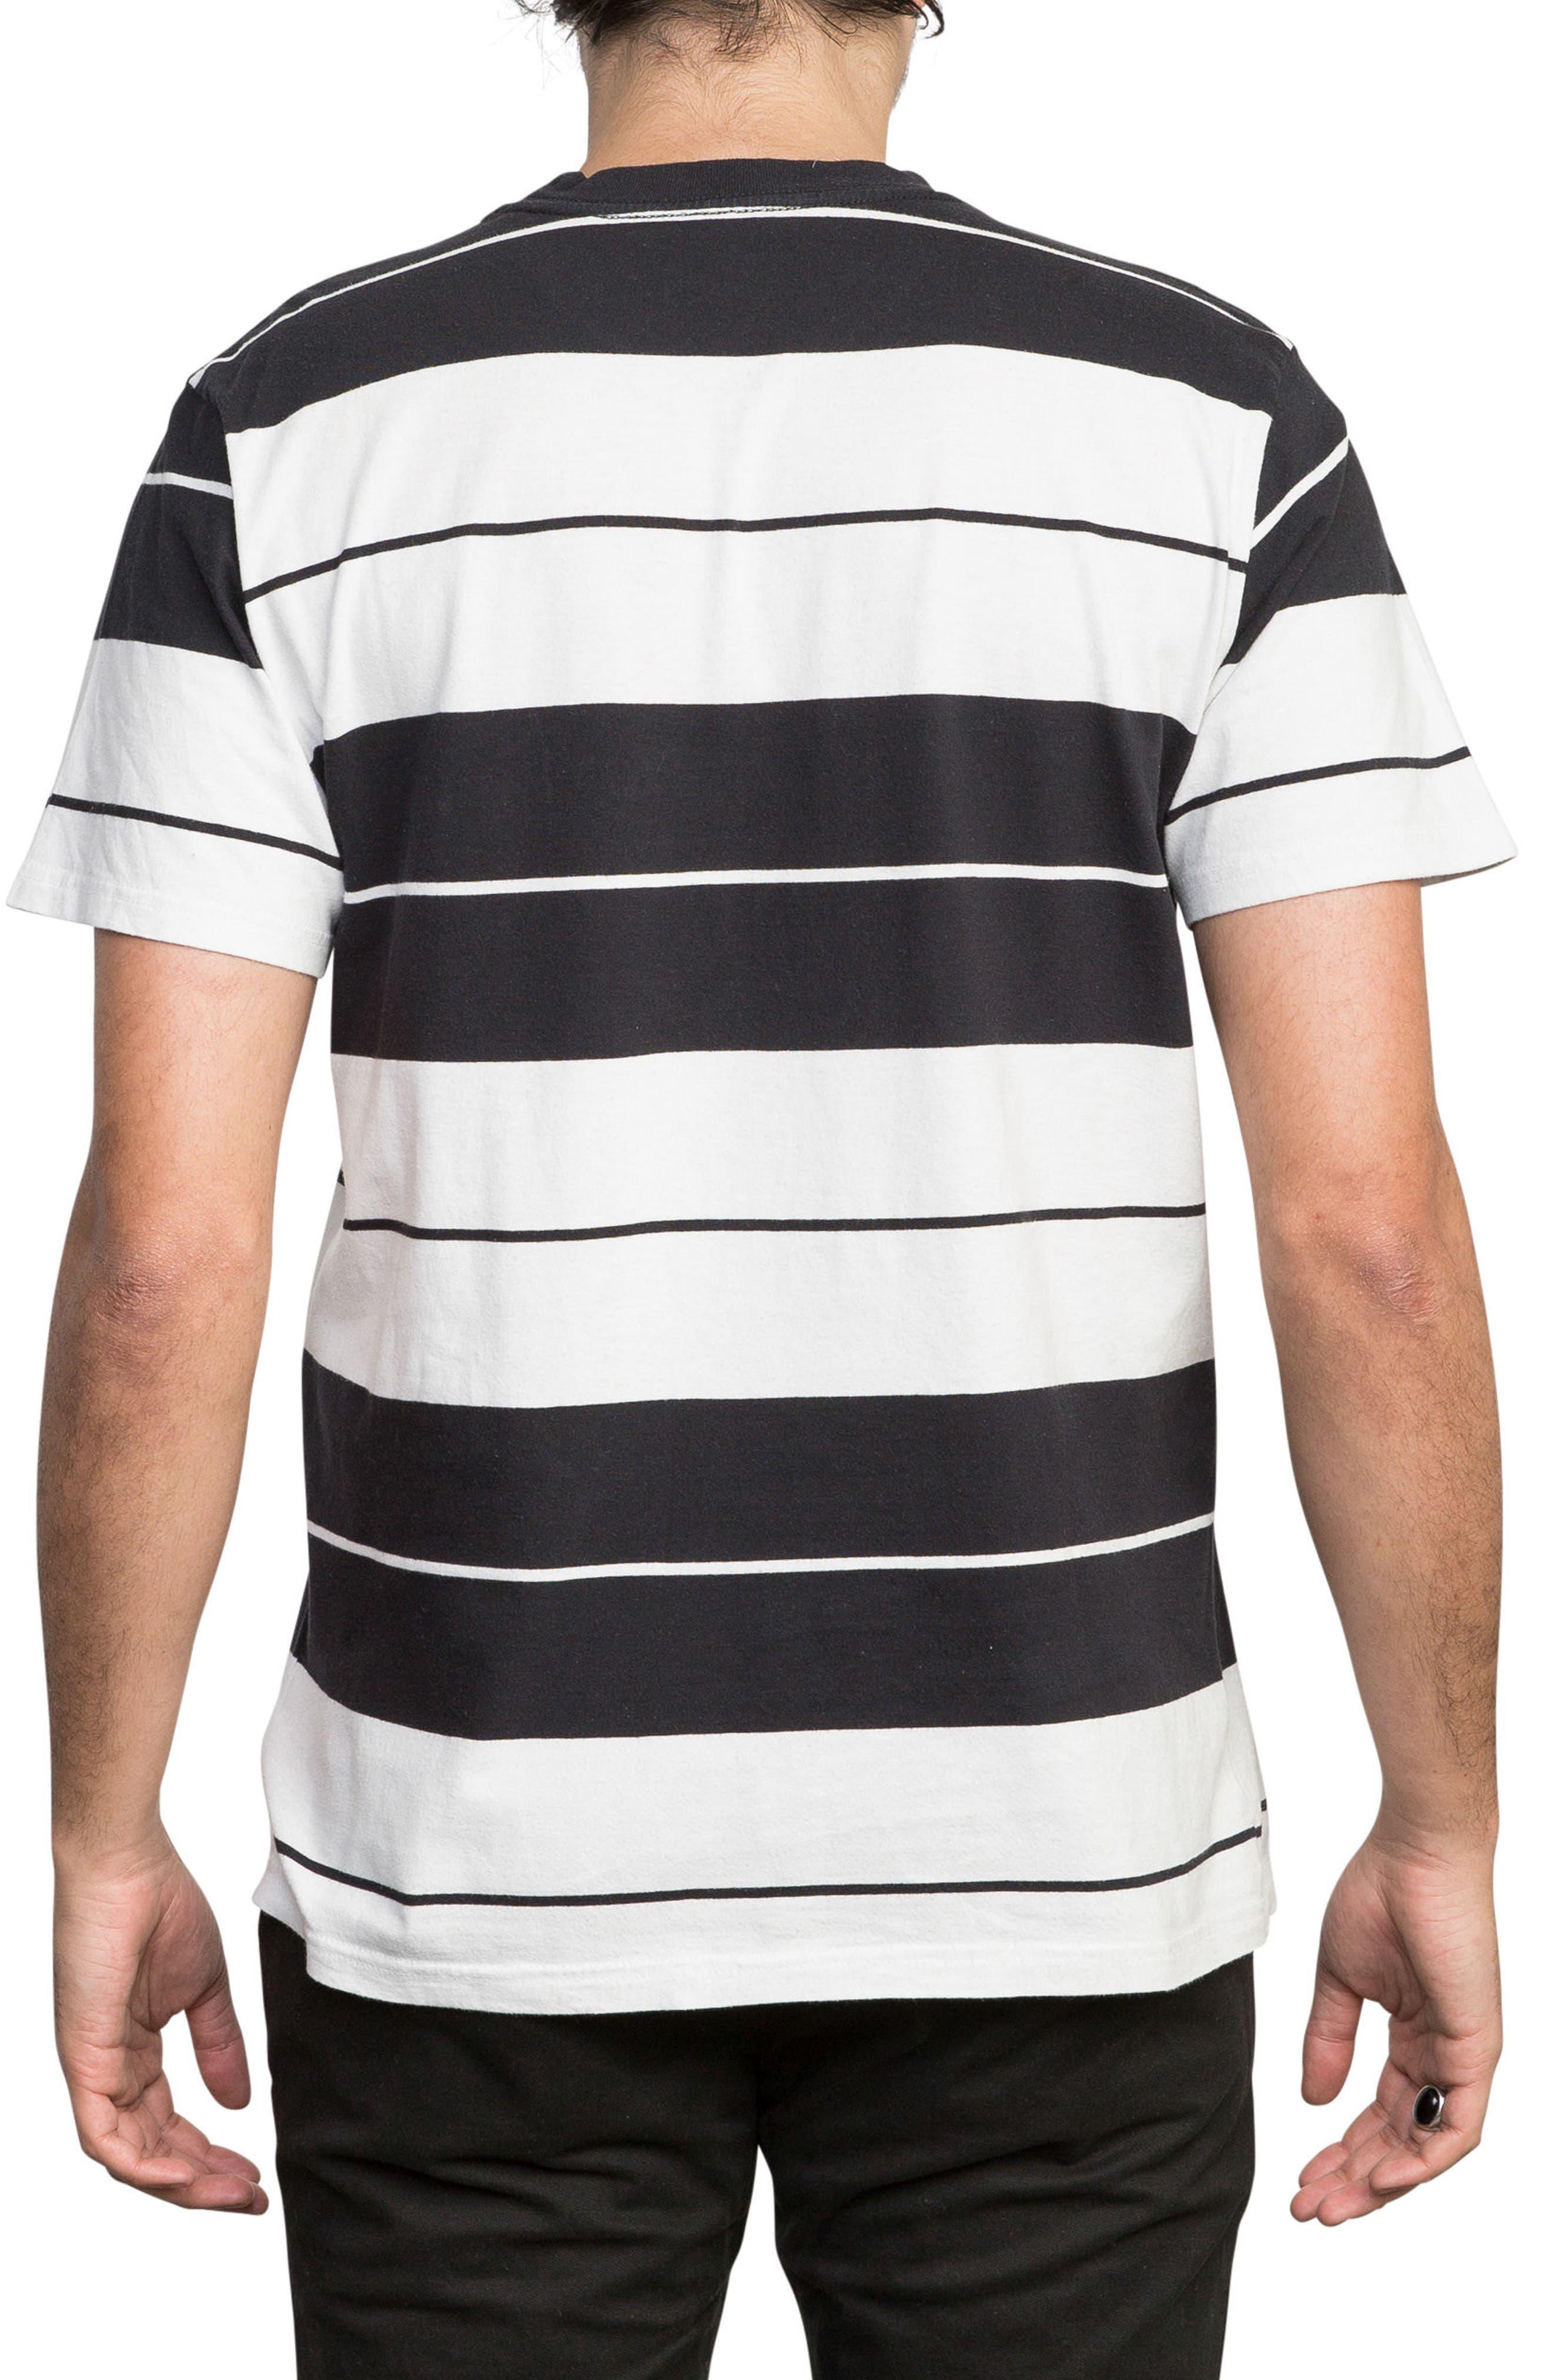 Ellis Stripe Pocket T-Shirt,                             Alternate thumbnail 2, color,                             Black